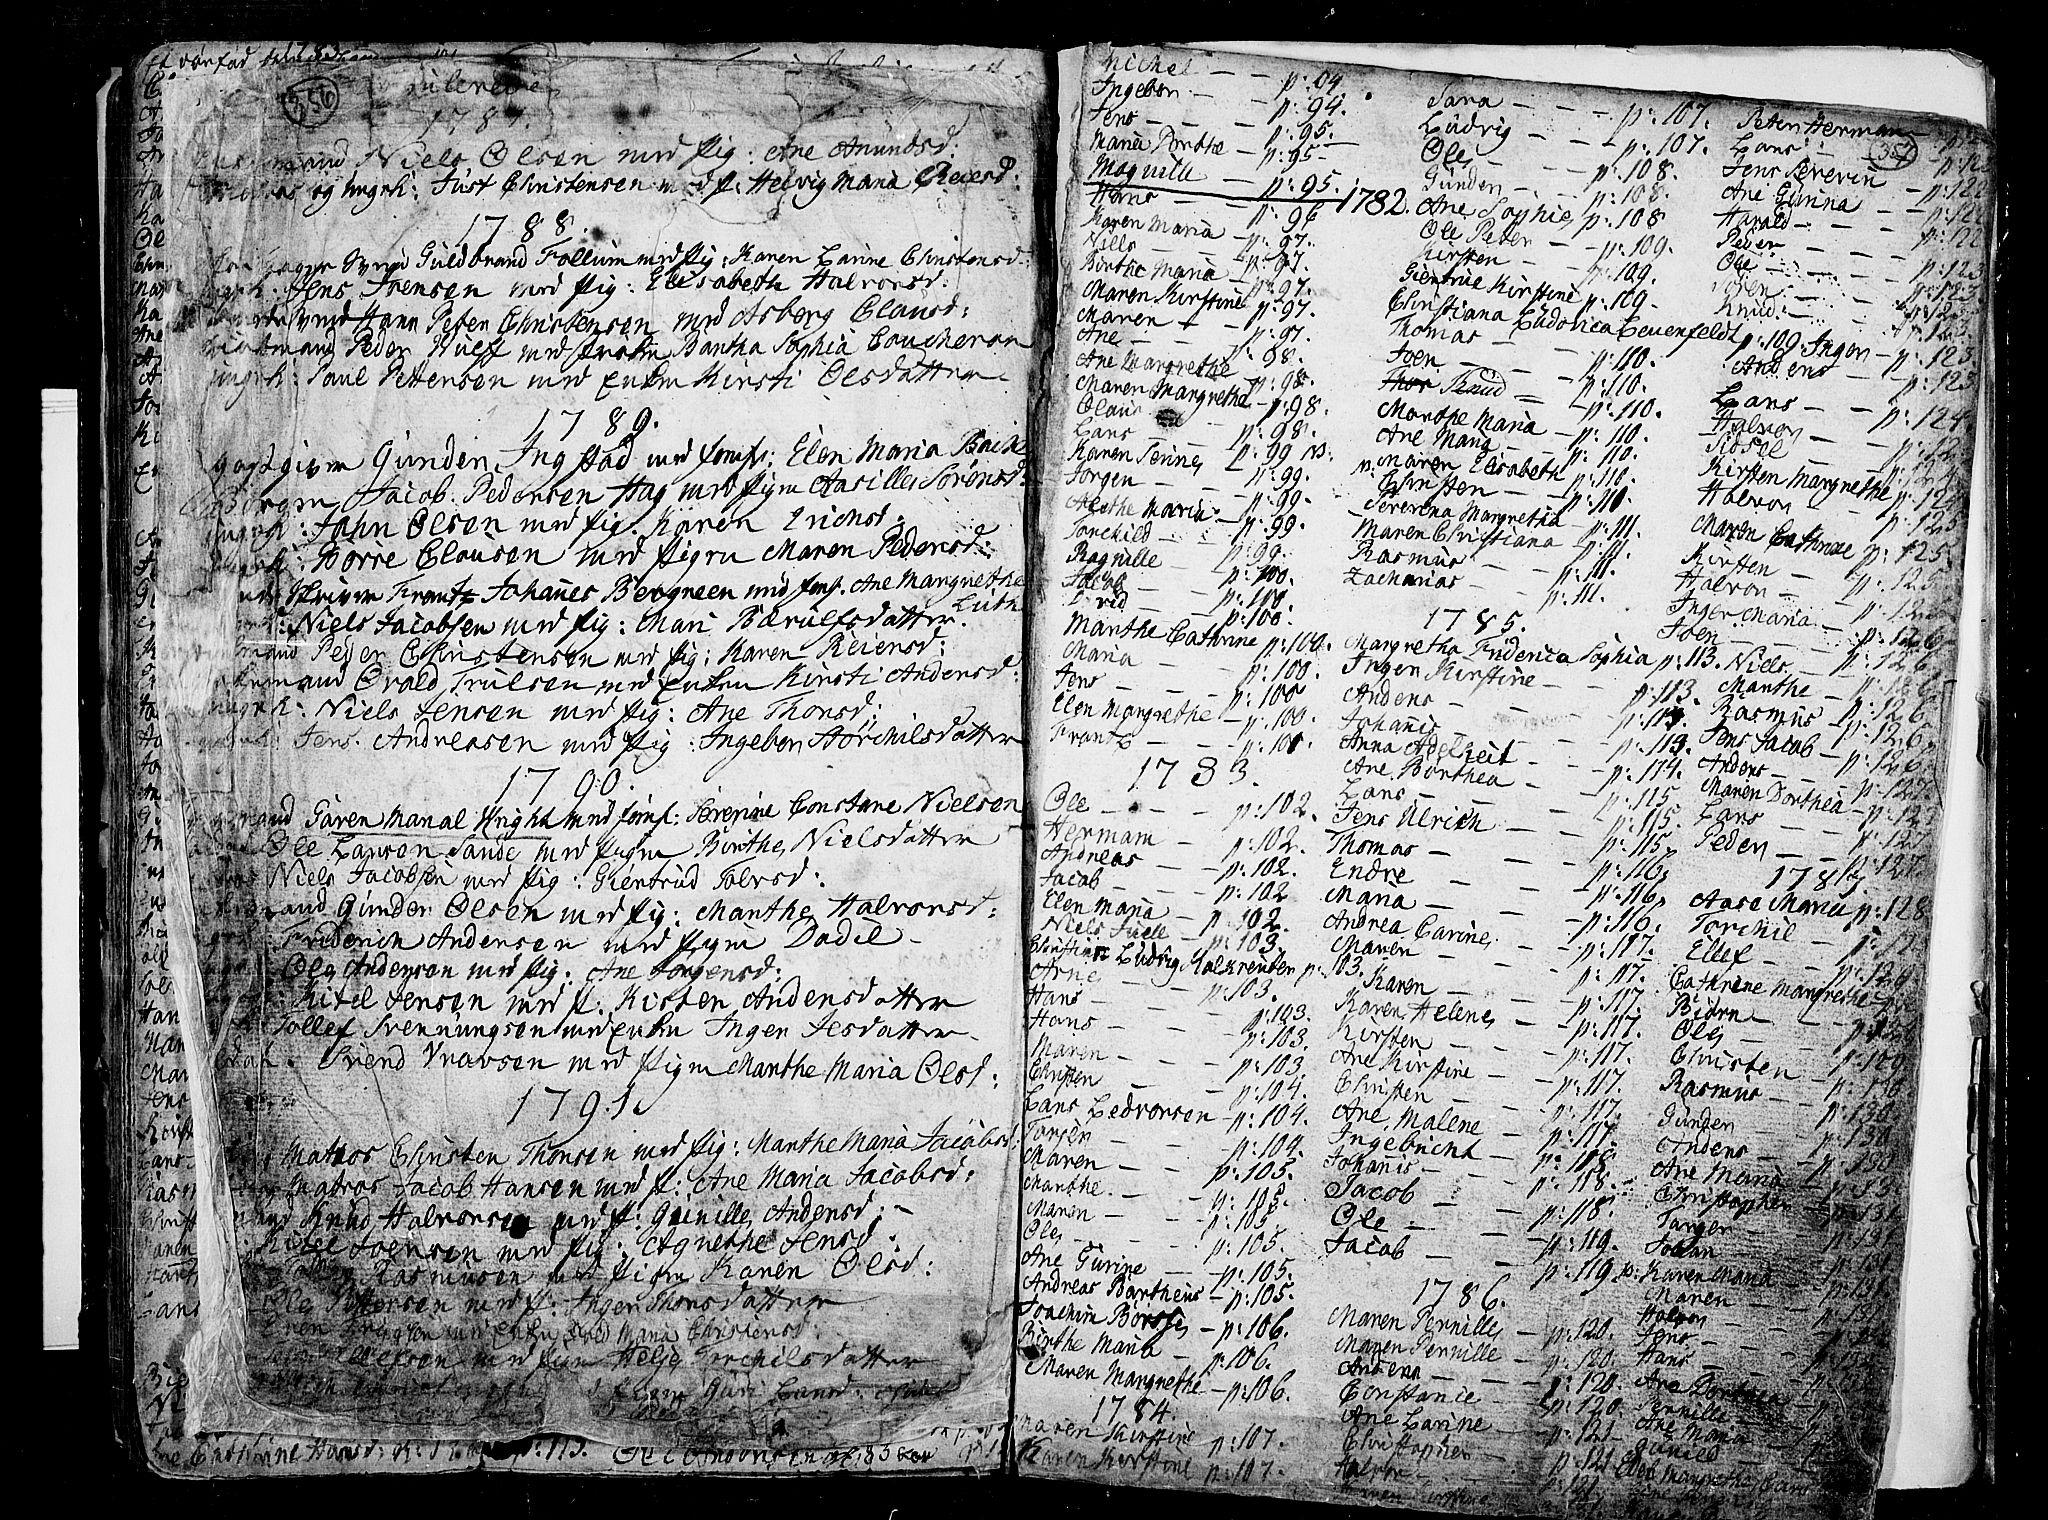 SAKO, Porsgrunn kirkebøker , F/Fa/L0002: Ministerialbok nr. 2, 1764-1814, s. 356-357